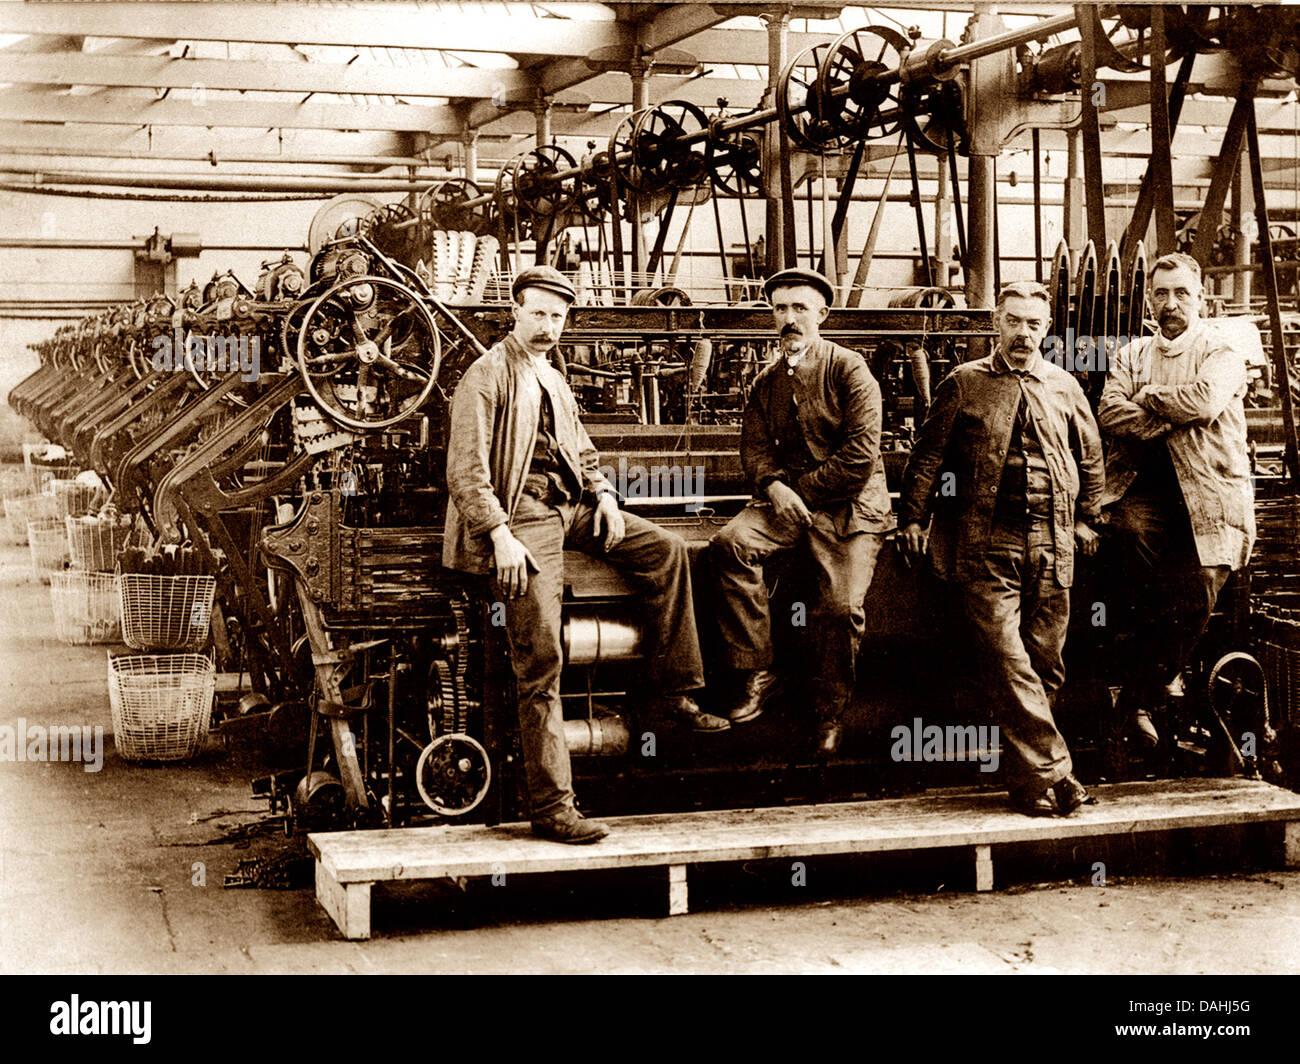 Les travailleurs du textile de l'époque victorienne Photo Stock